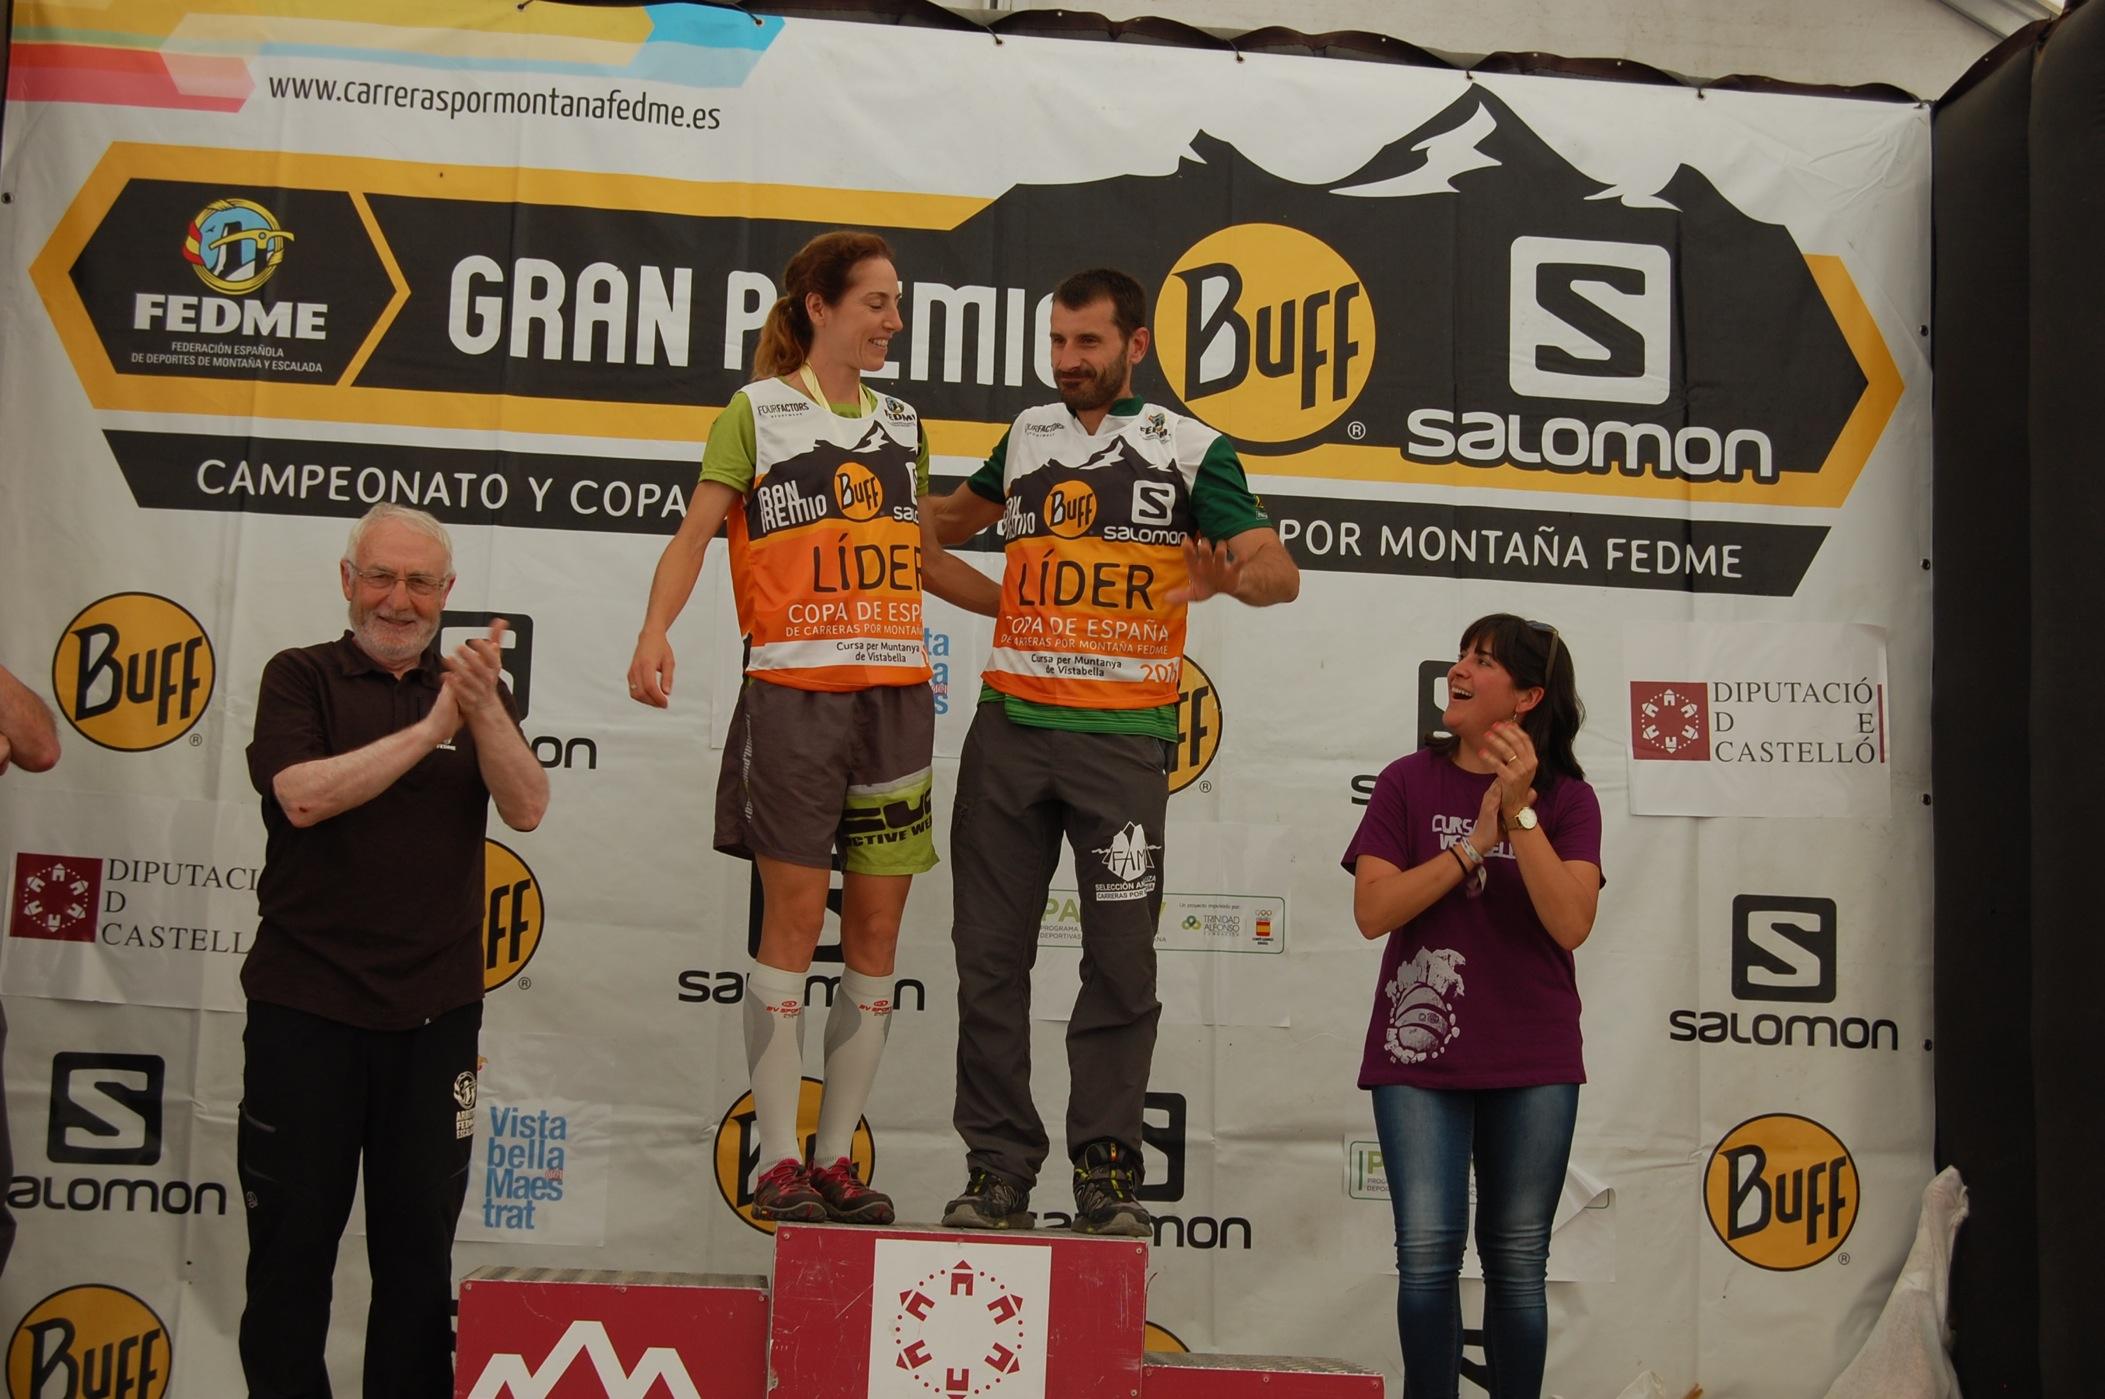 Cristóbal Adell y Ragna Debats se imponen en la Cursa de Muntanya de Vistabella de la Copa de España de Carreras por Montaña en Línea - Gran Premio BU